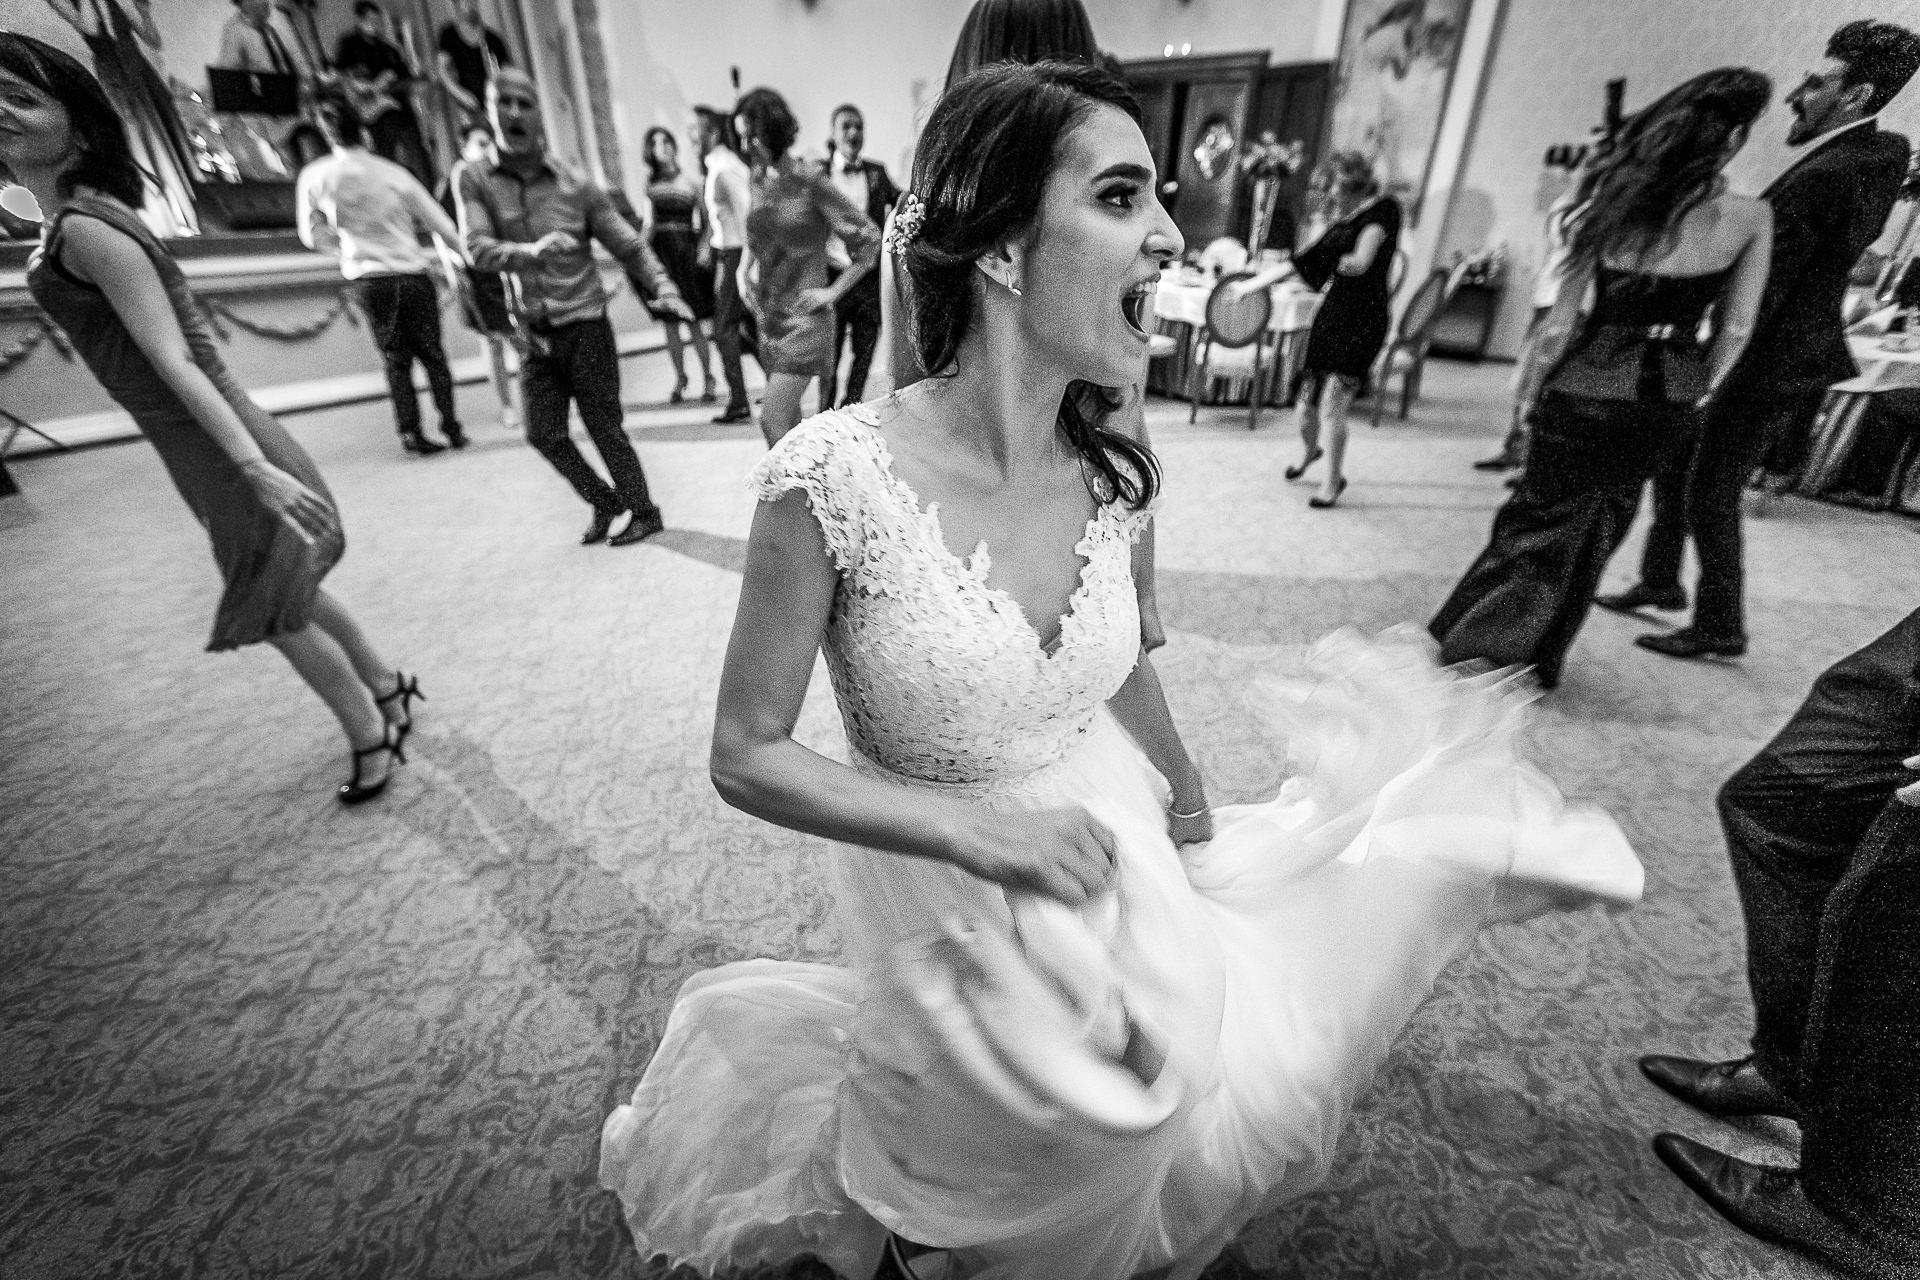 nuntă Salon Elisabeta - Elena şi Costin - Mihai Zaharia Photography - 099